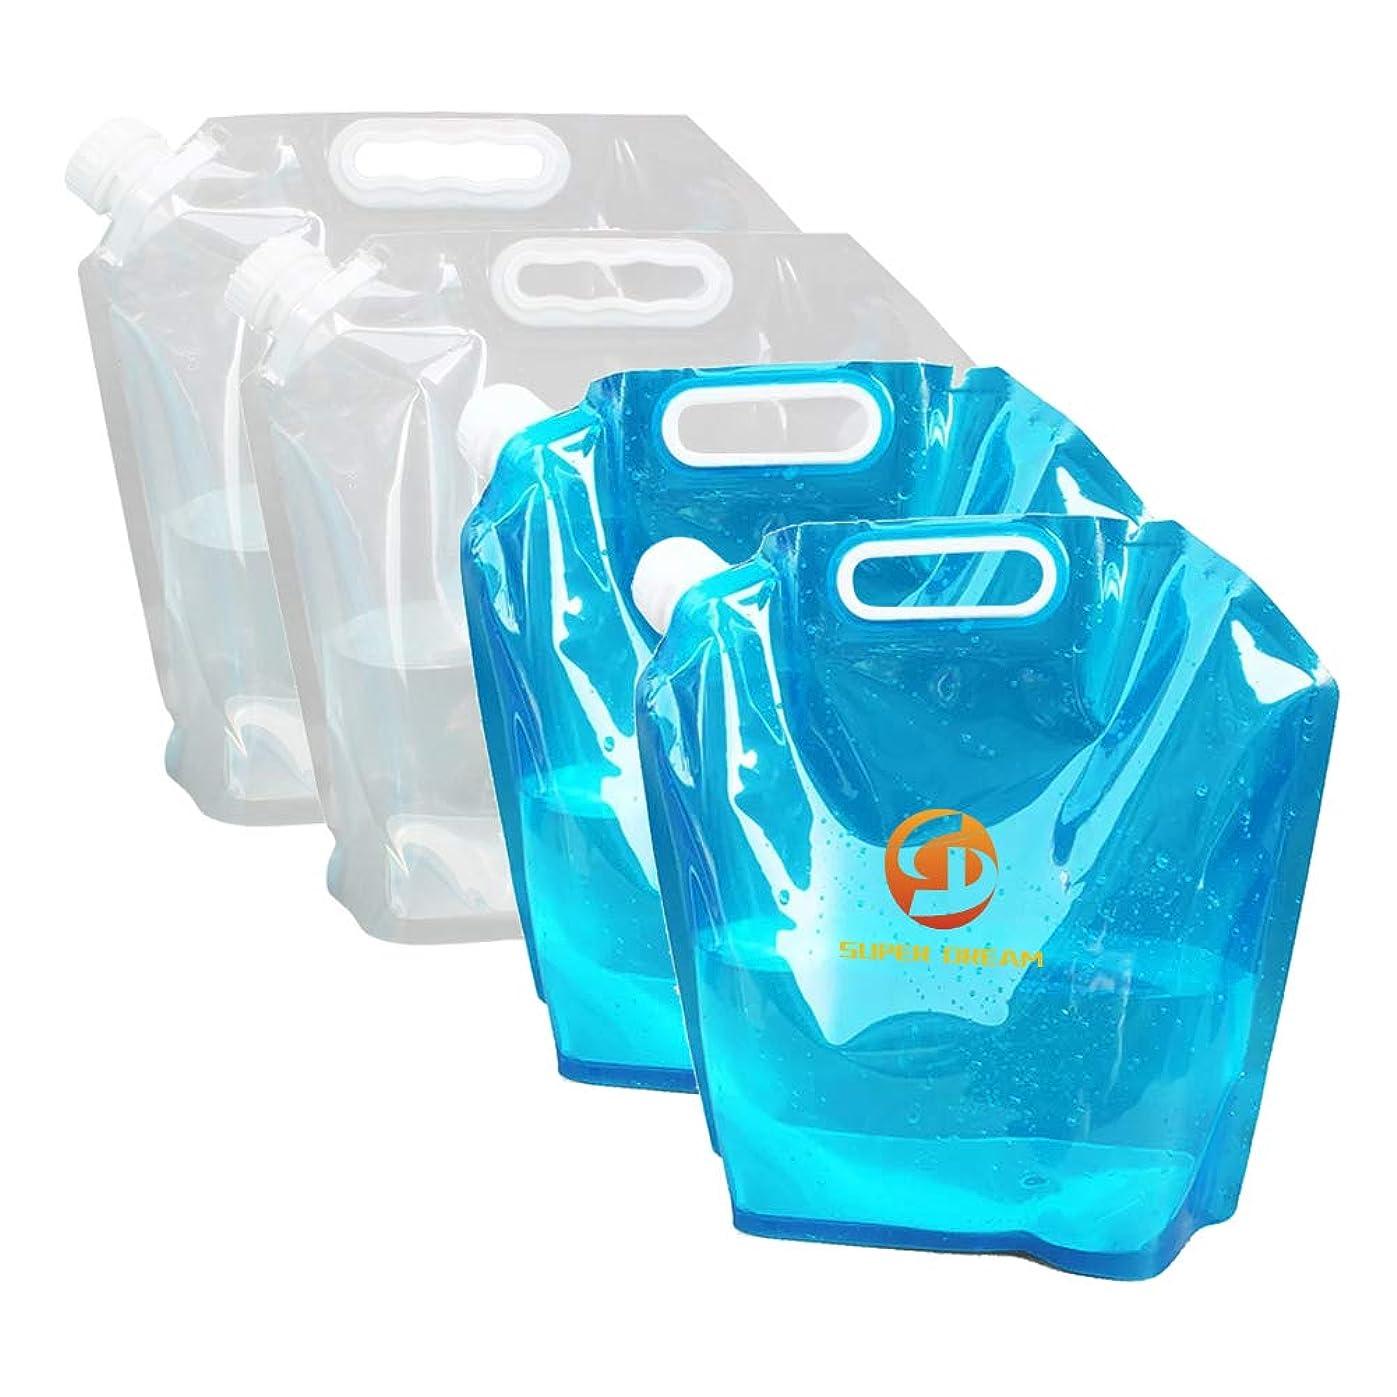 子供達ジャグリング吹雪非常用給水バッグ 避難 防災グッズ ウォーターバッグ 非常用給水袋 折りたたみ式ポータブル水袋 大容量 貯水 4個セット5L / 10L (10L×4)